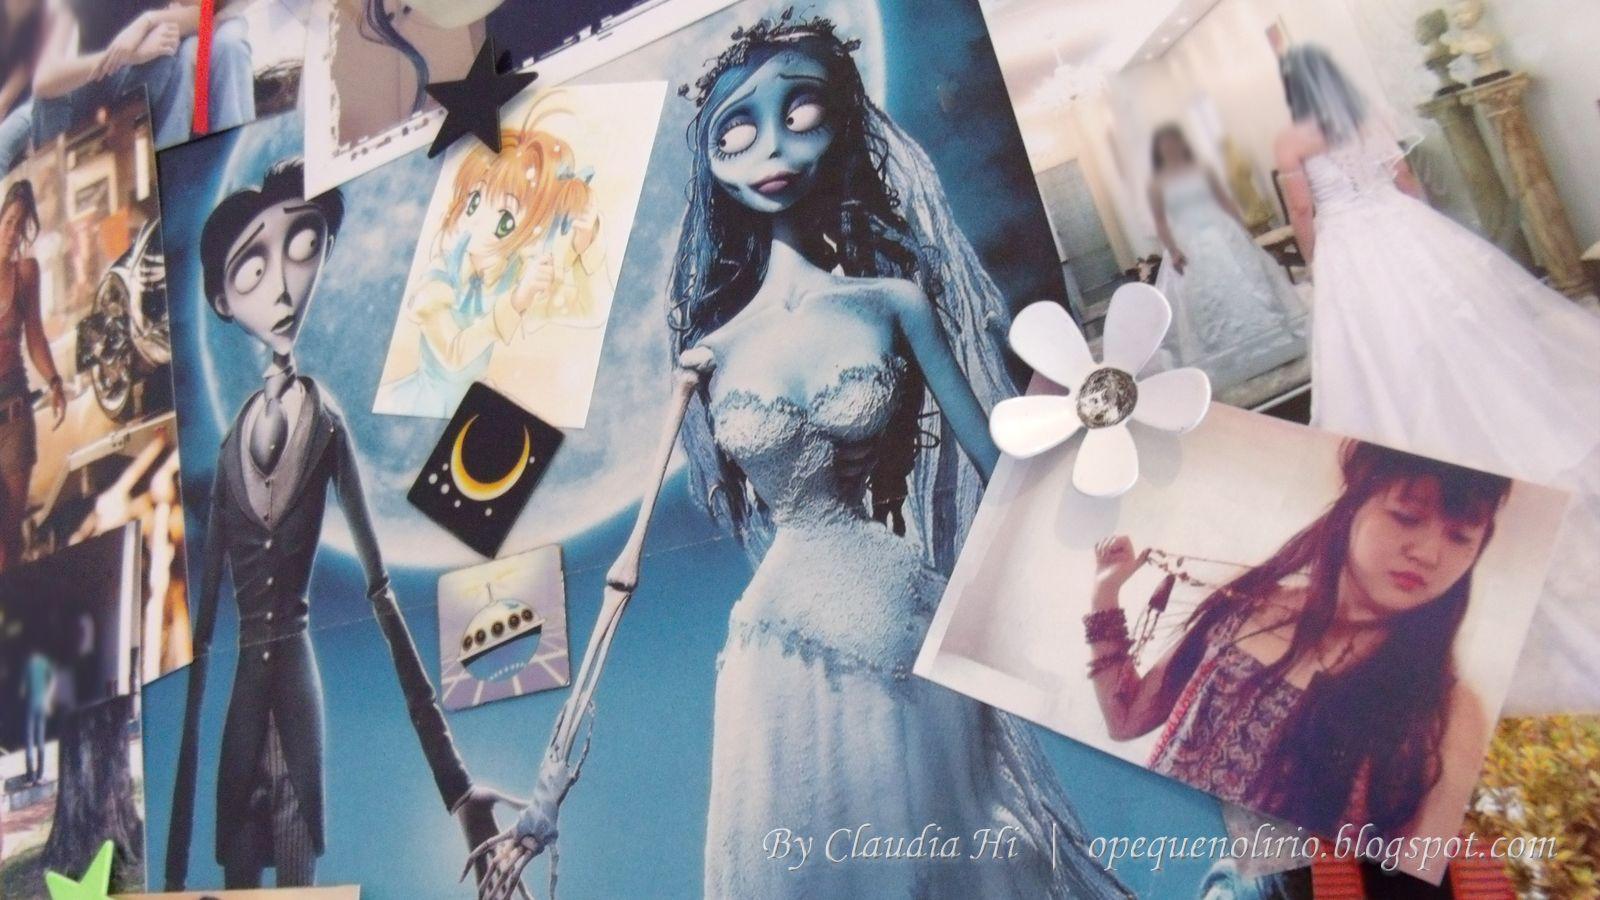 mural variado, corpse bride, a noiva cadaver, o pequeno lírio, claudia hi